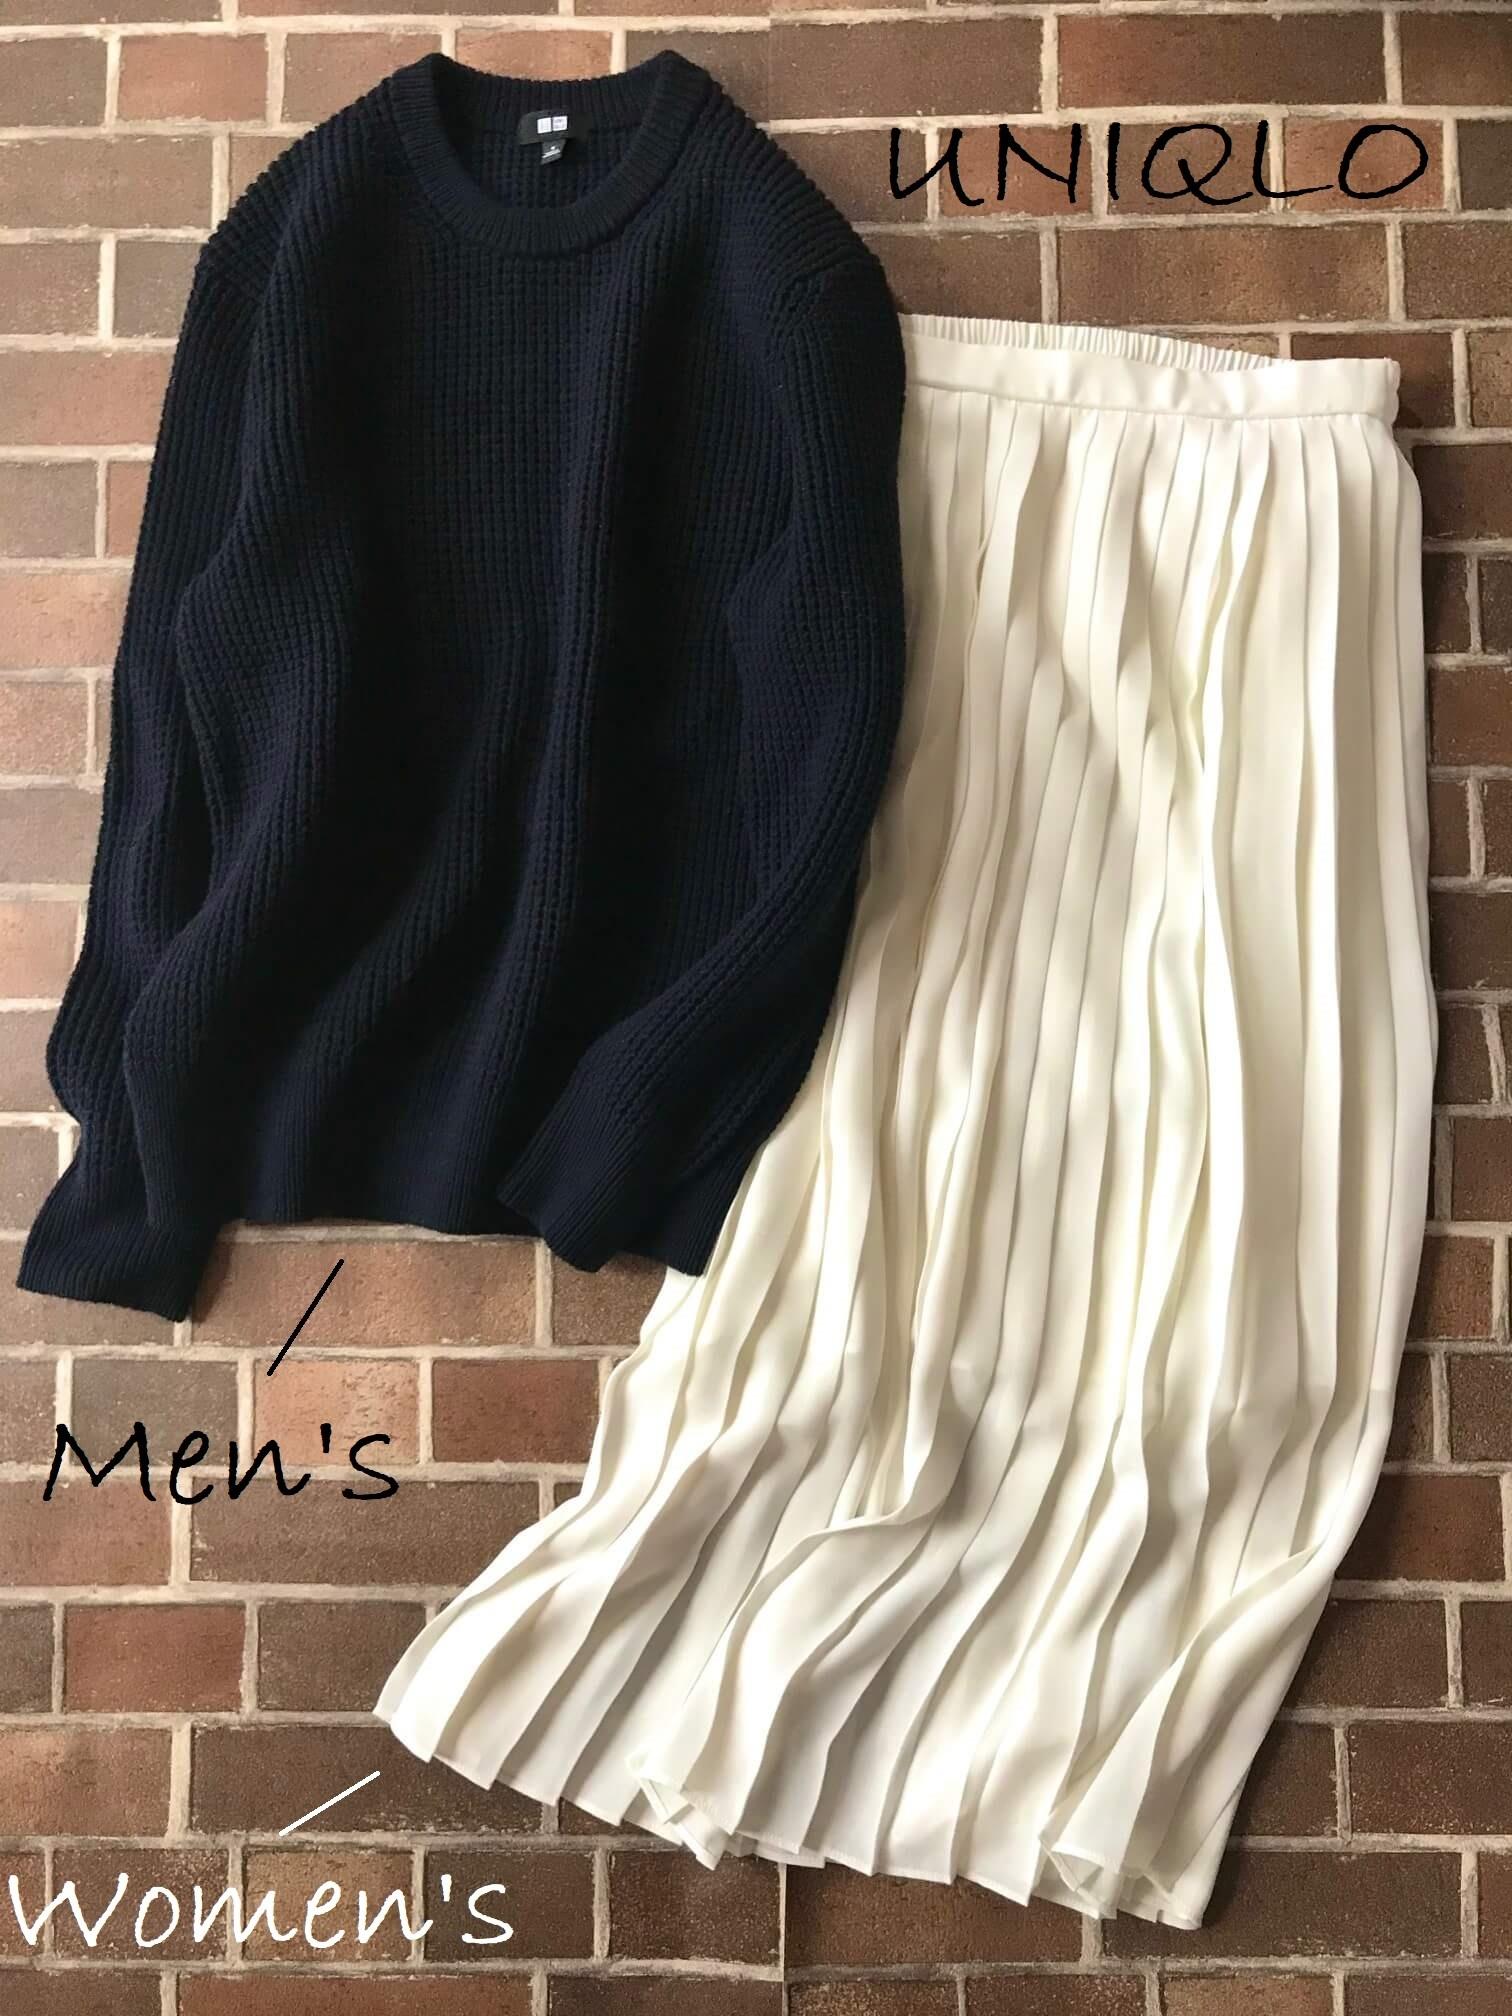 ユニクロのメンズのワッフルセーターと白のプリーツスカート